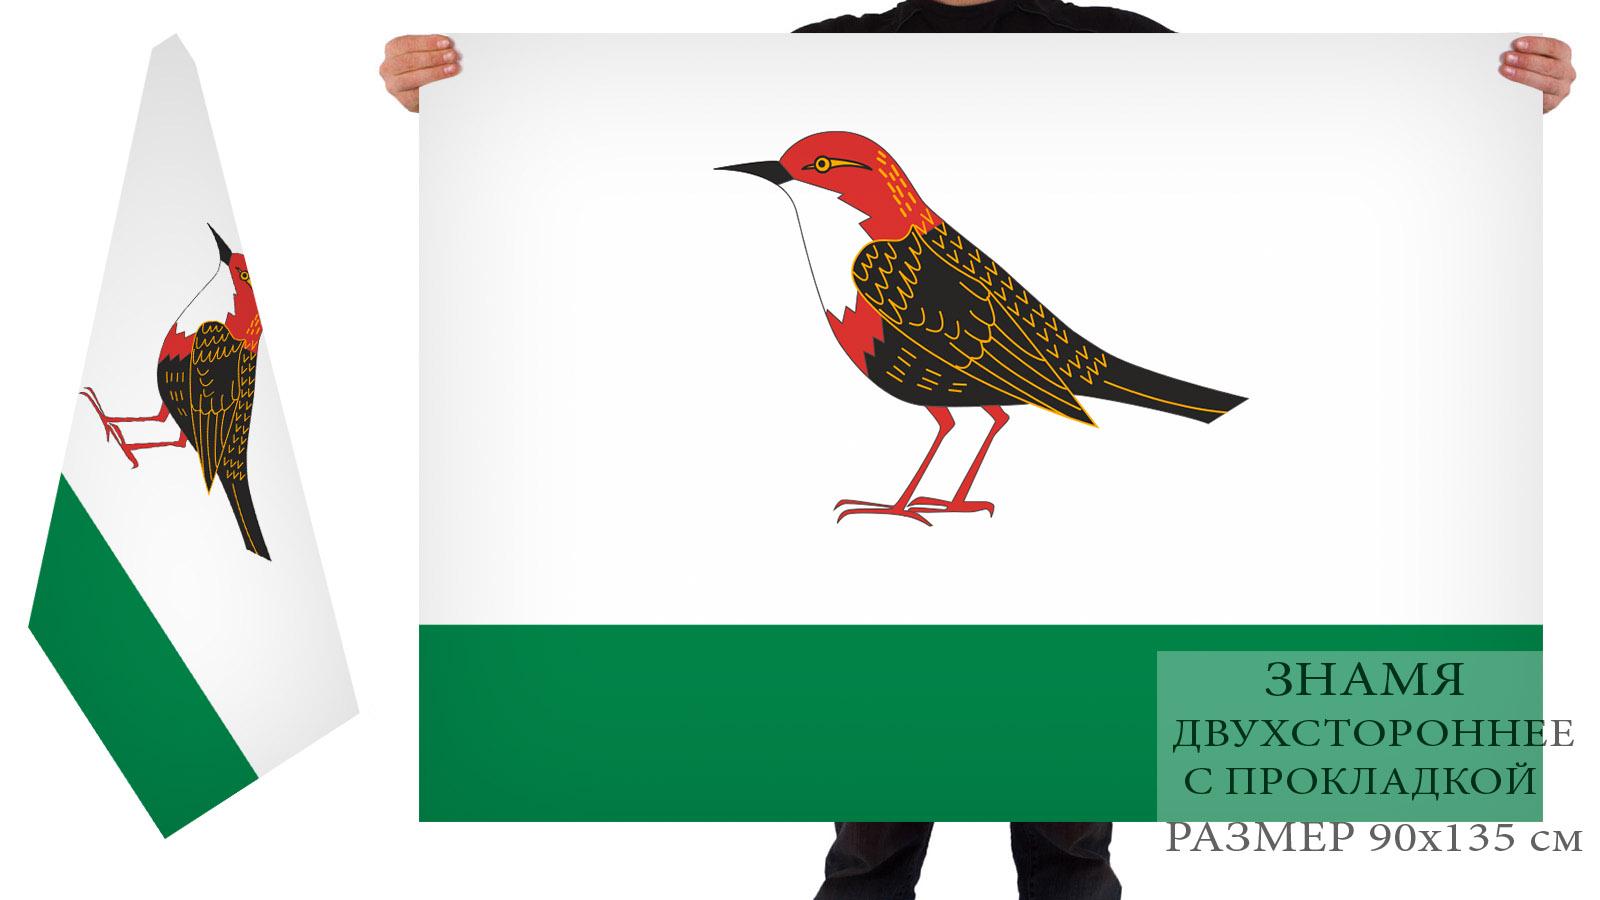 Заказать флаг города Бирск